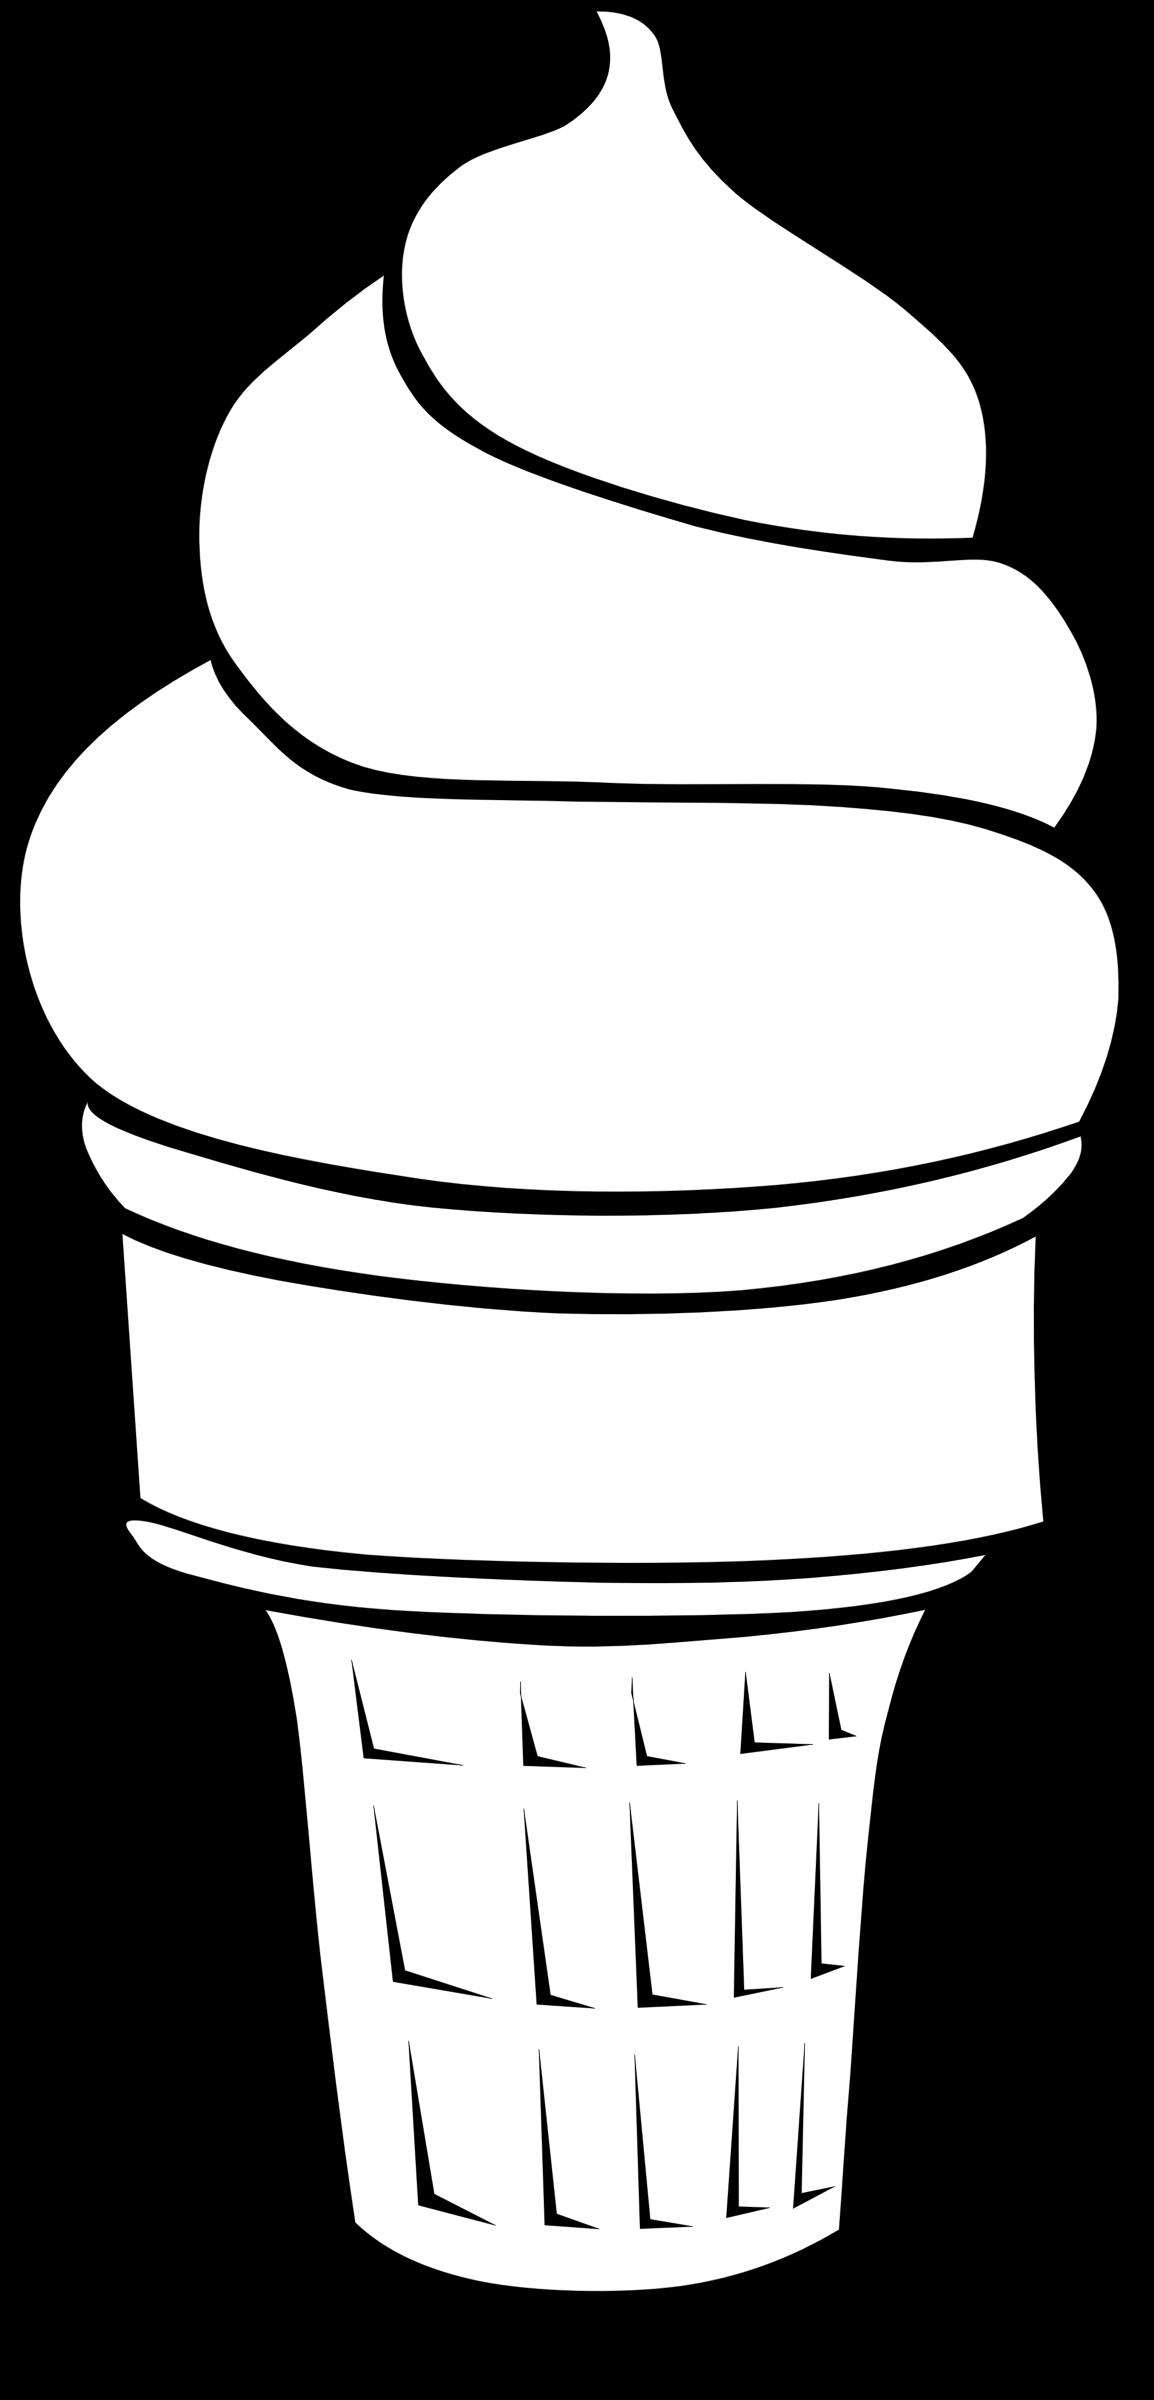 Drawn ice cream soft serve Cream Cones Fast Clipart Serve